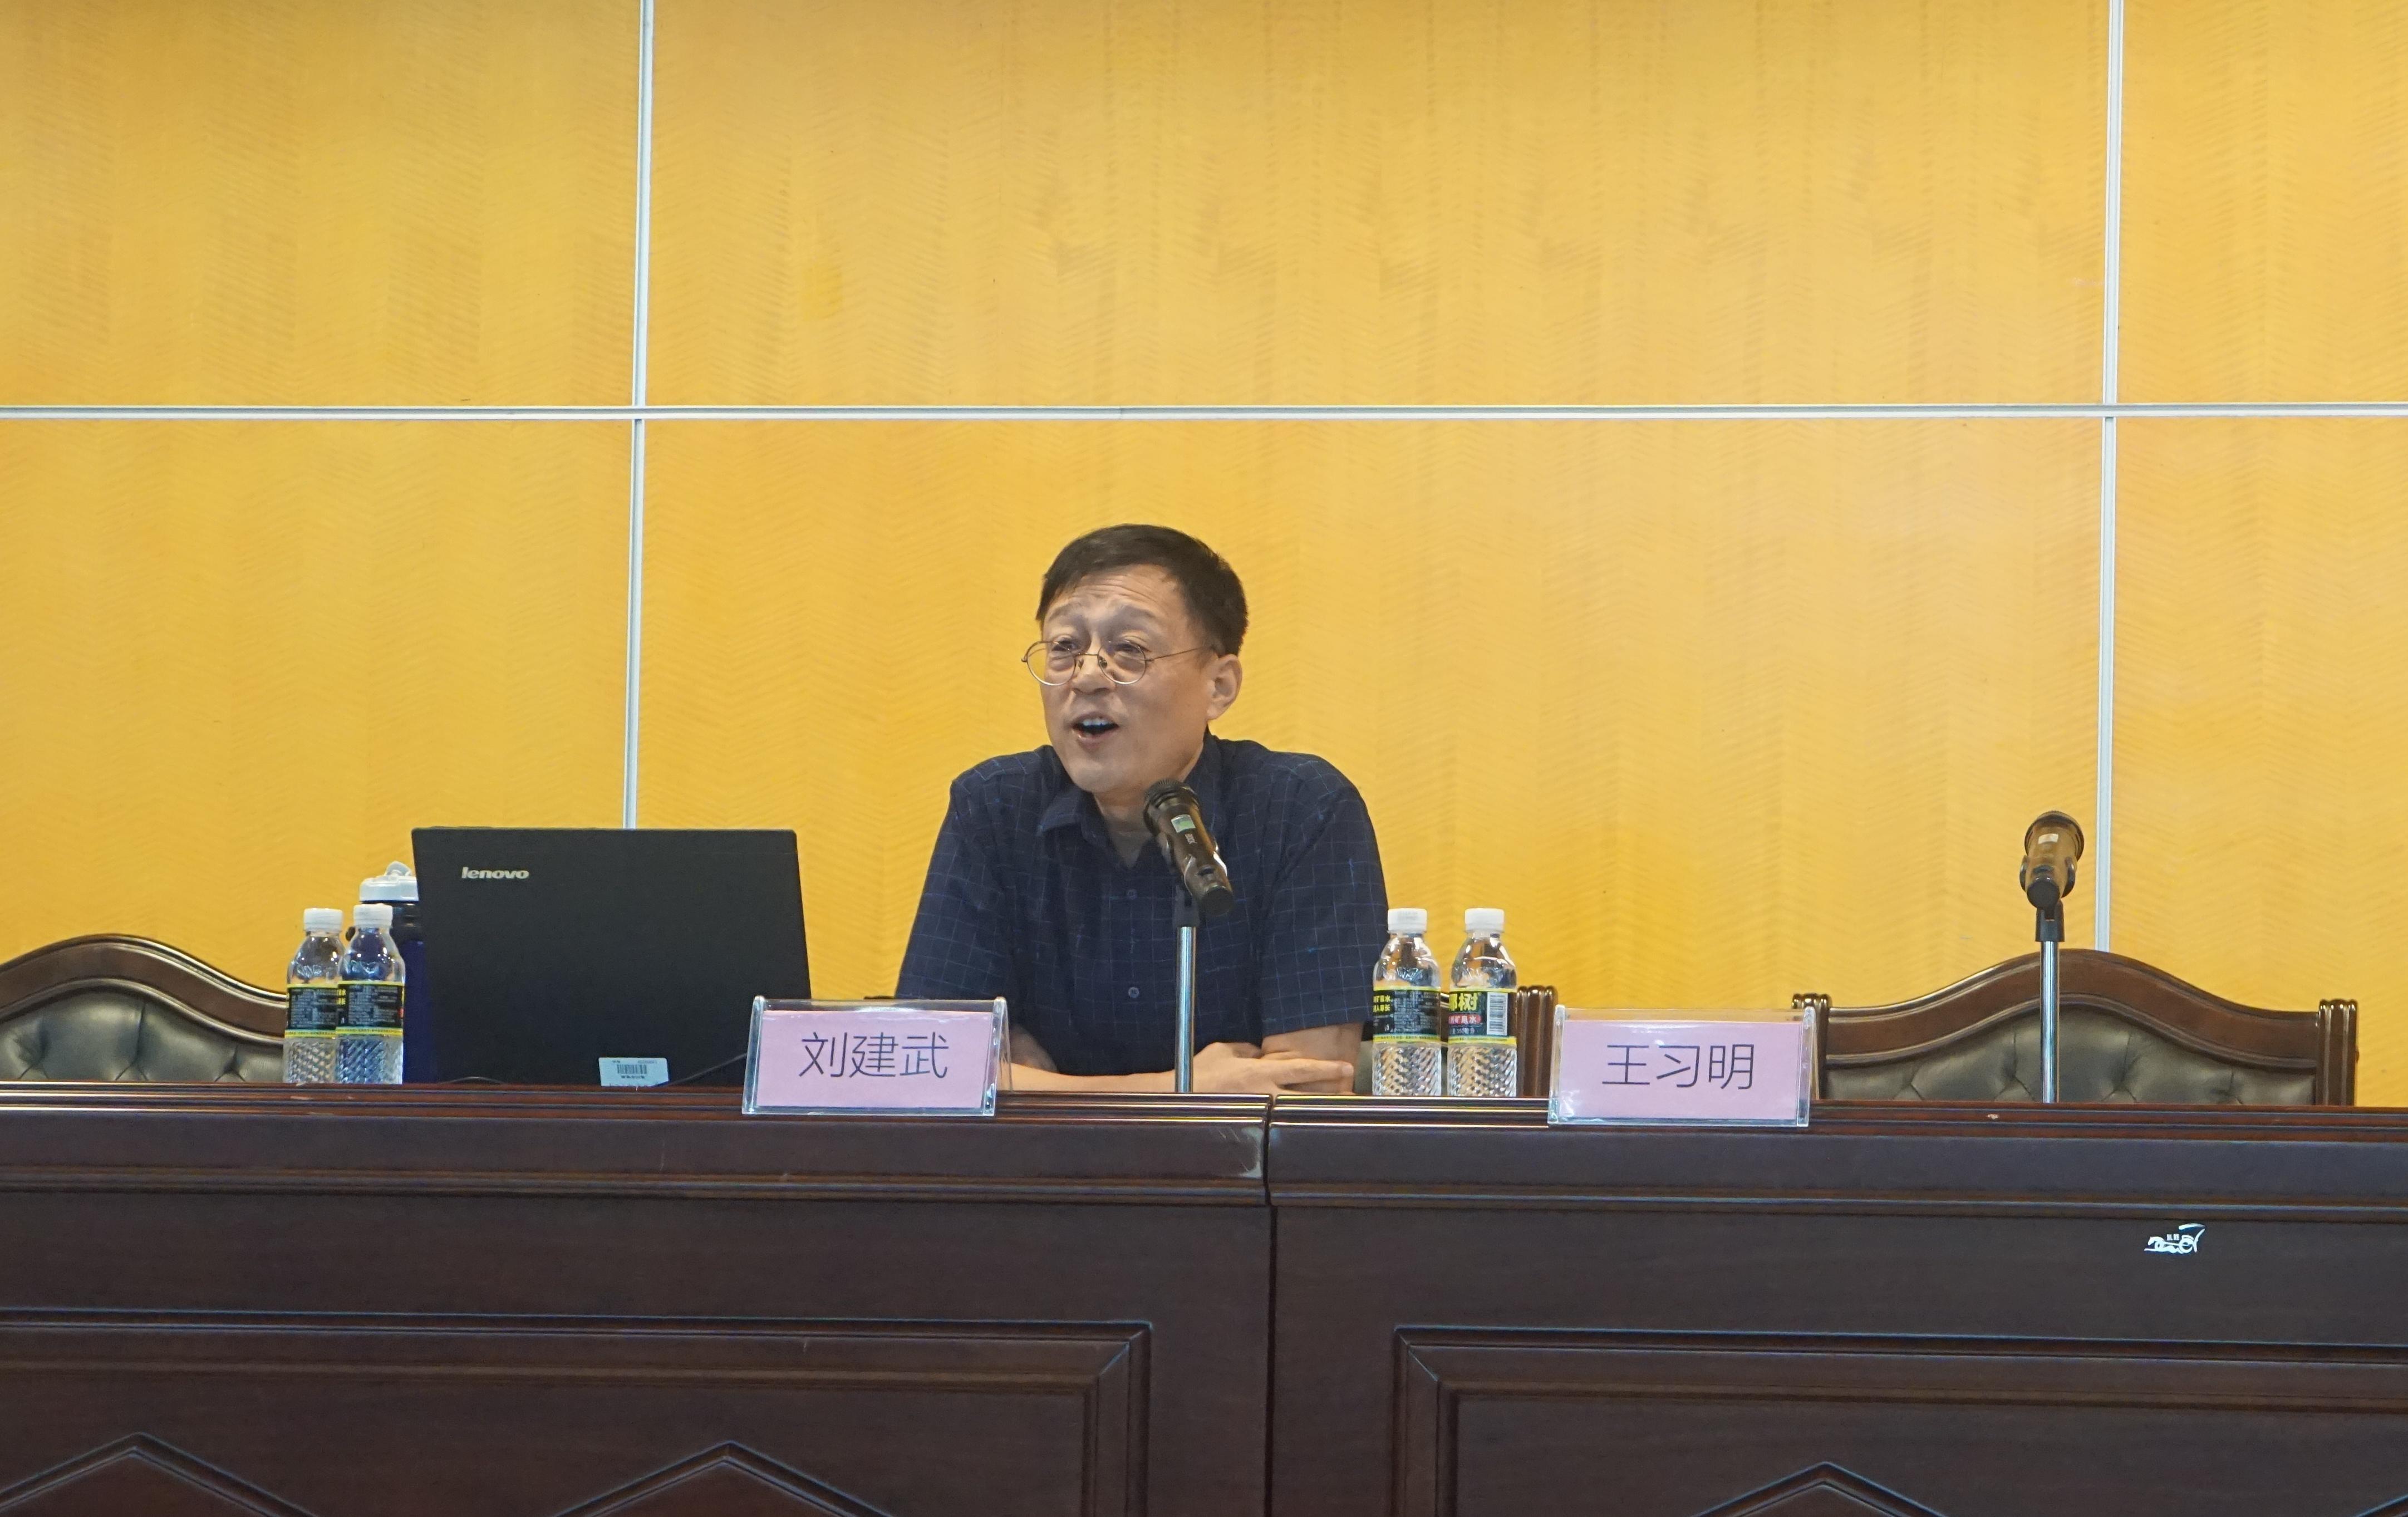 湖南省社会科学院刘建武教授到我校讲学